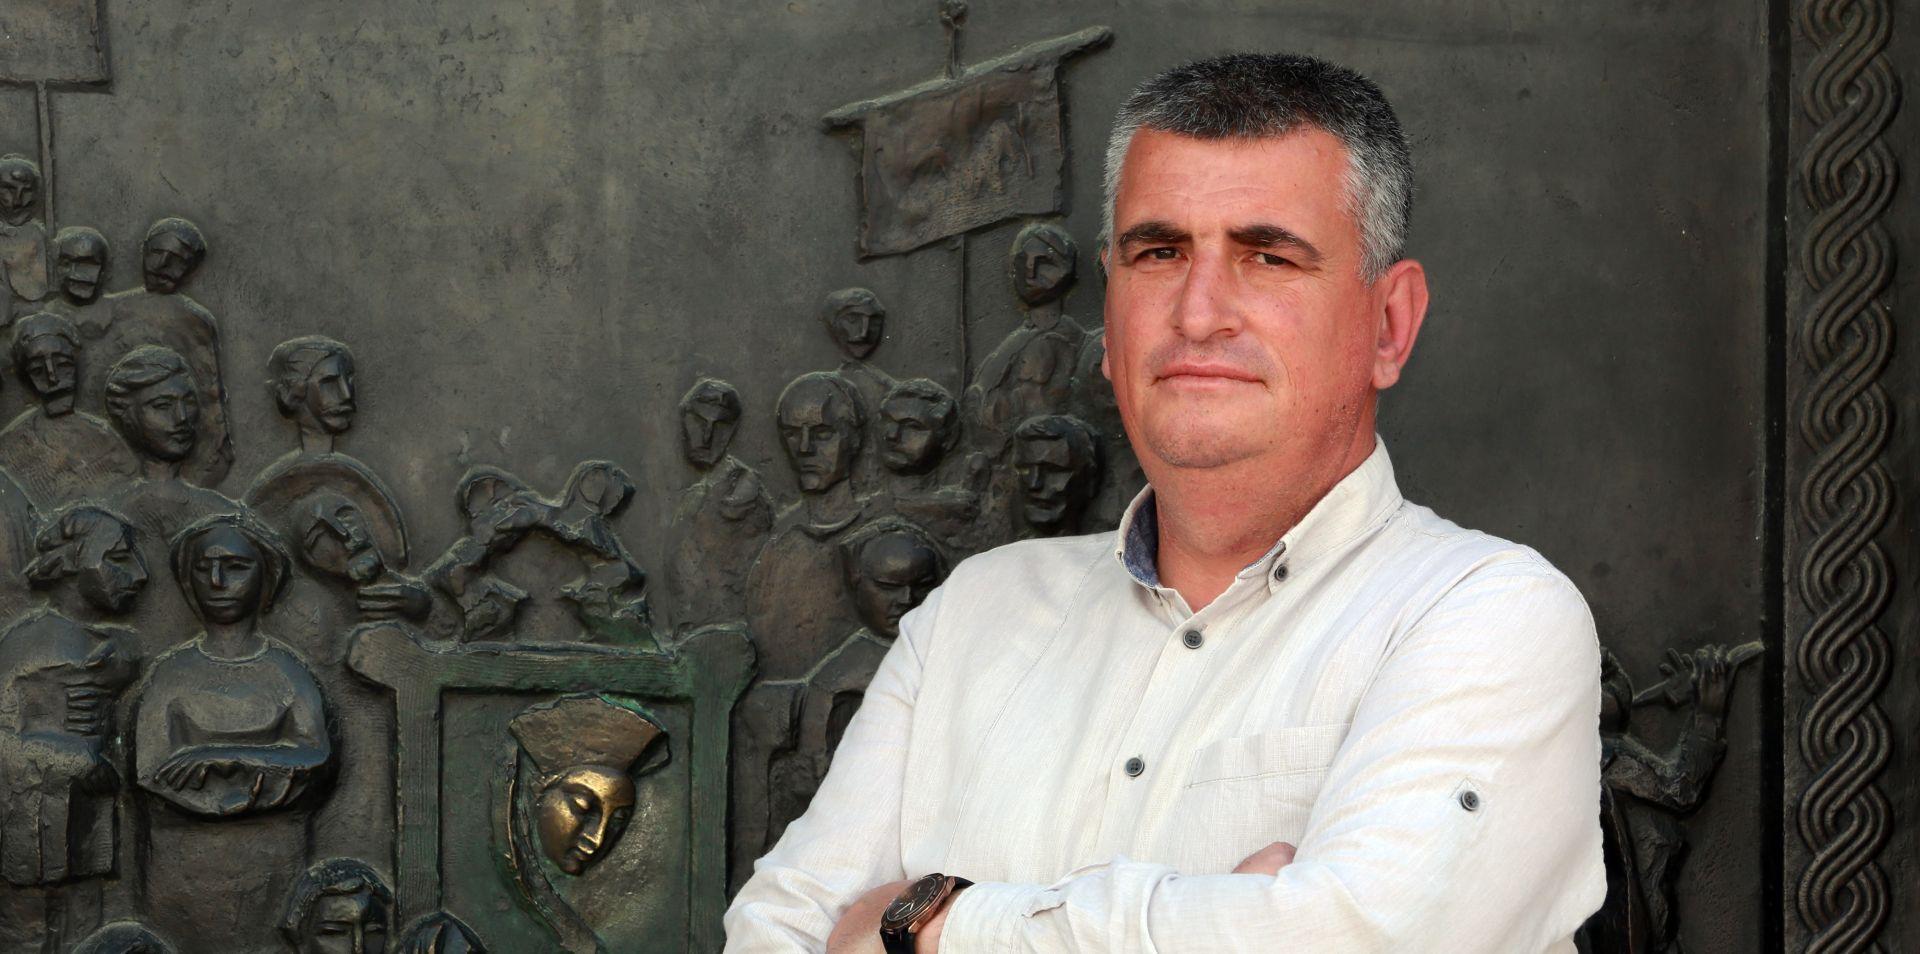 BULJ (MOST) 'Marić je dodijelio kredit Todoriću, u javnosti je govorio da u Agrokoru nema nikakve panike'